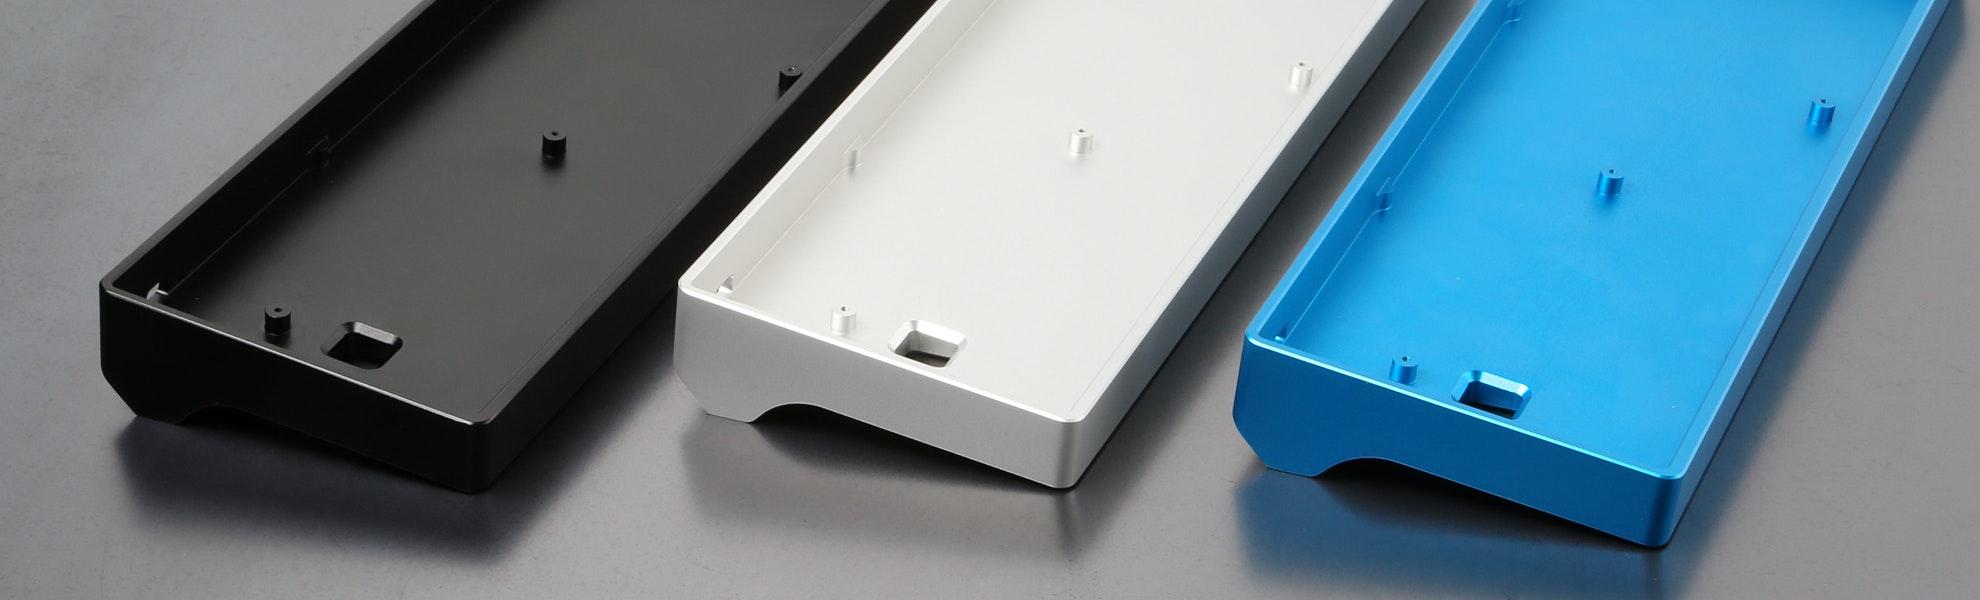 60% Keyboard Aluminum Case